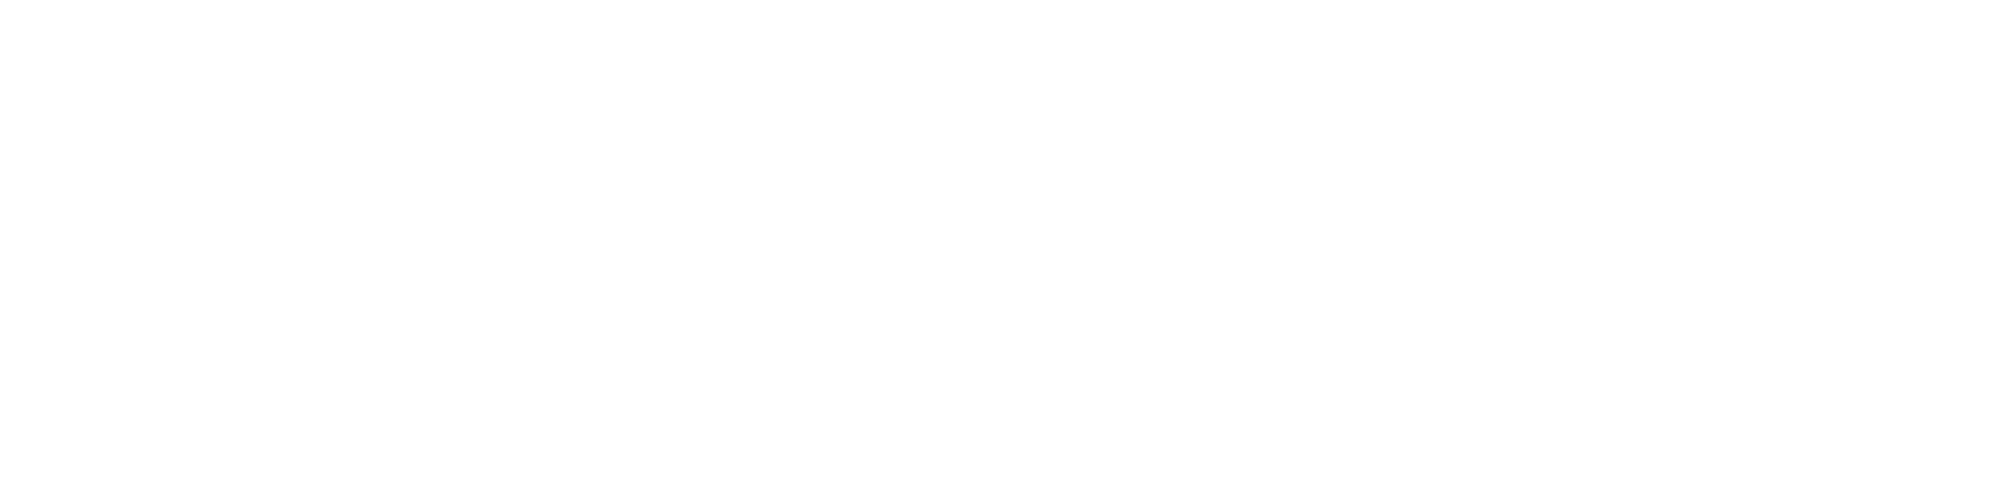 Engex Engenharia